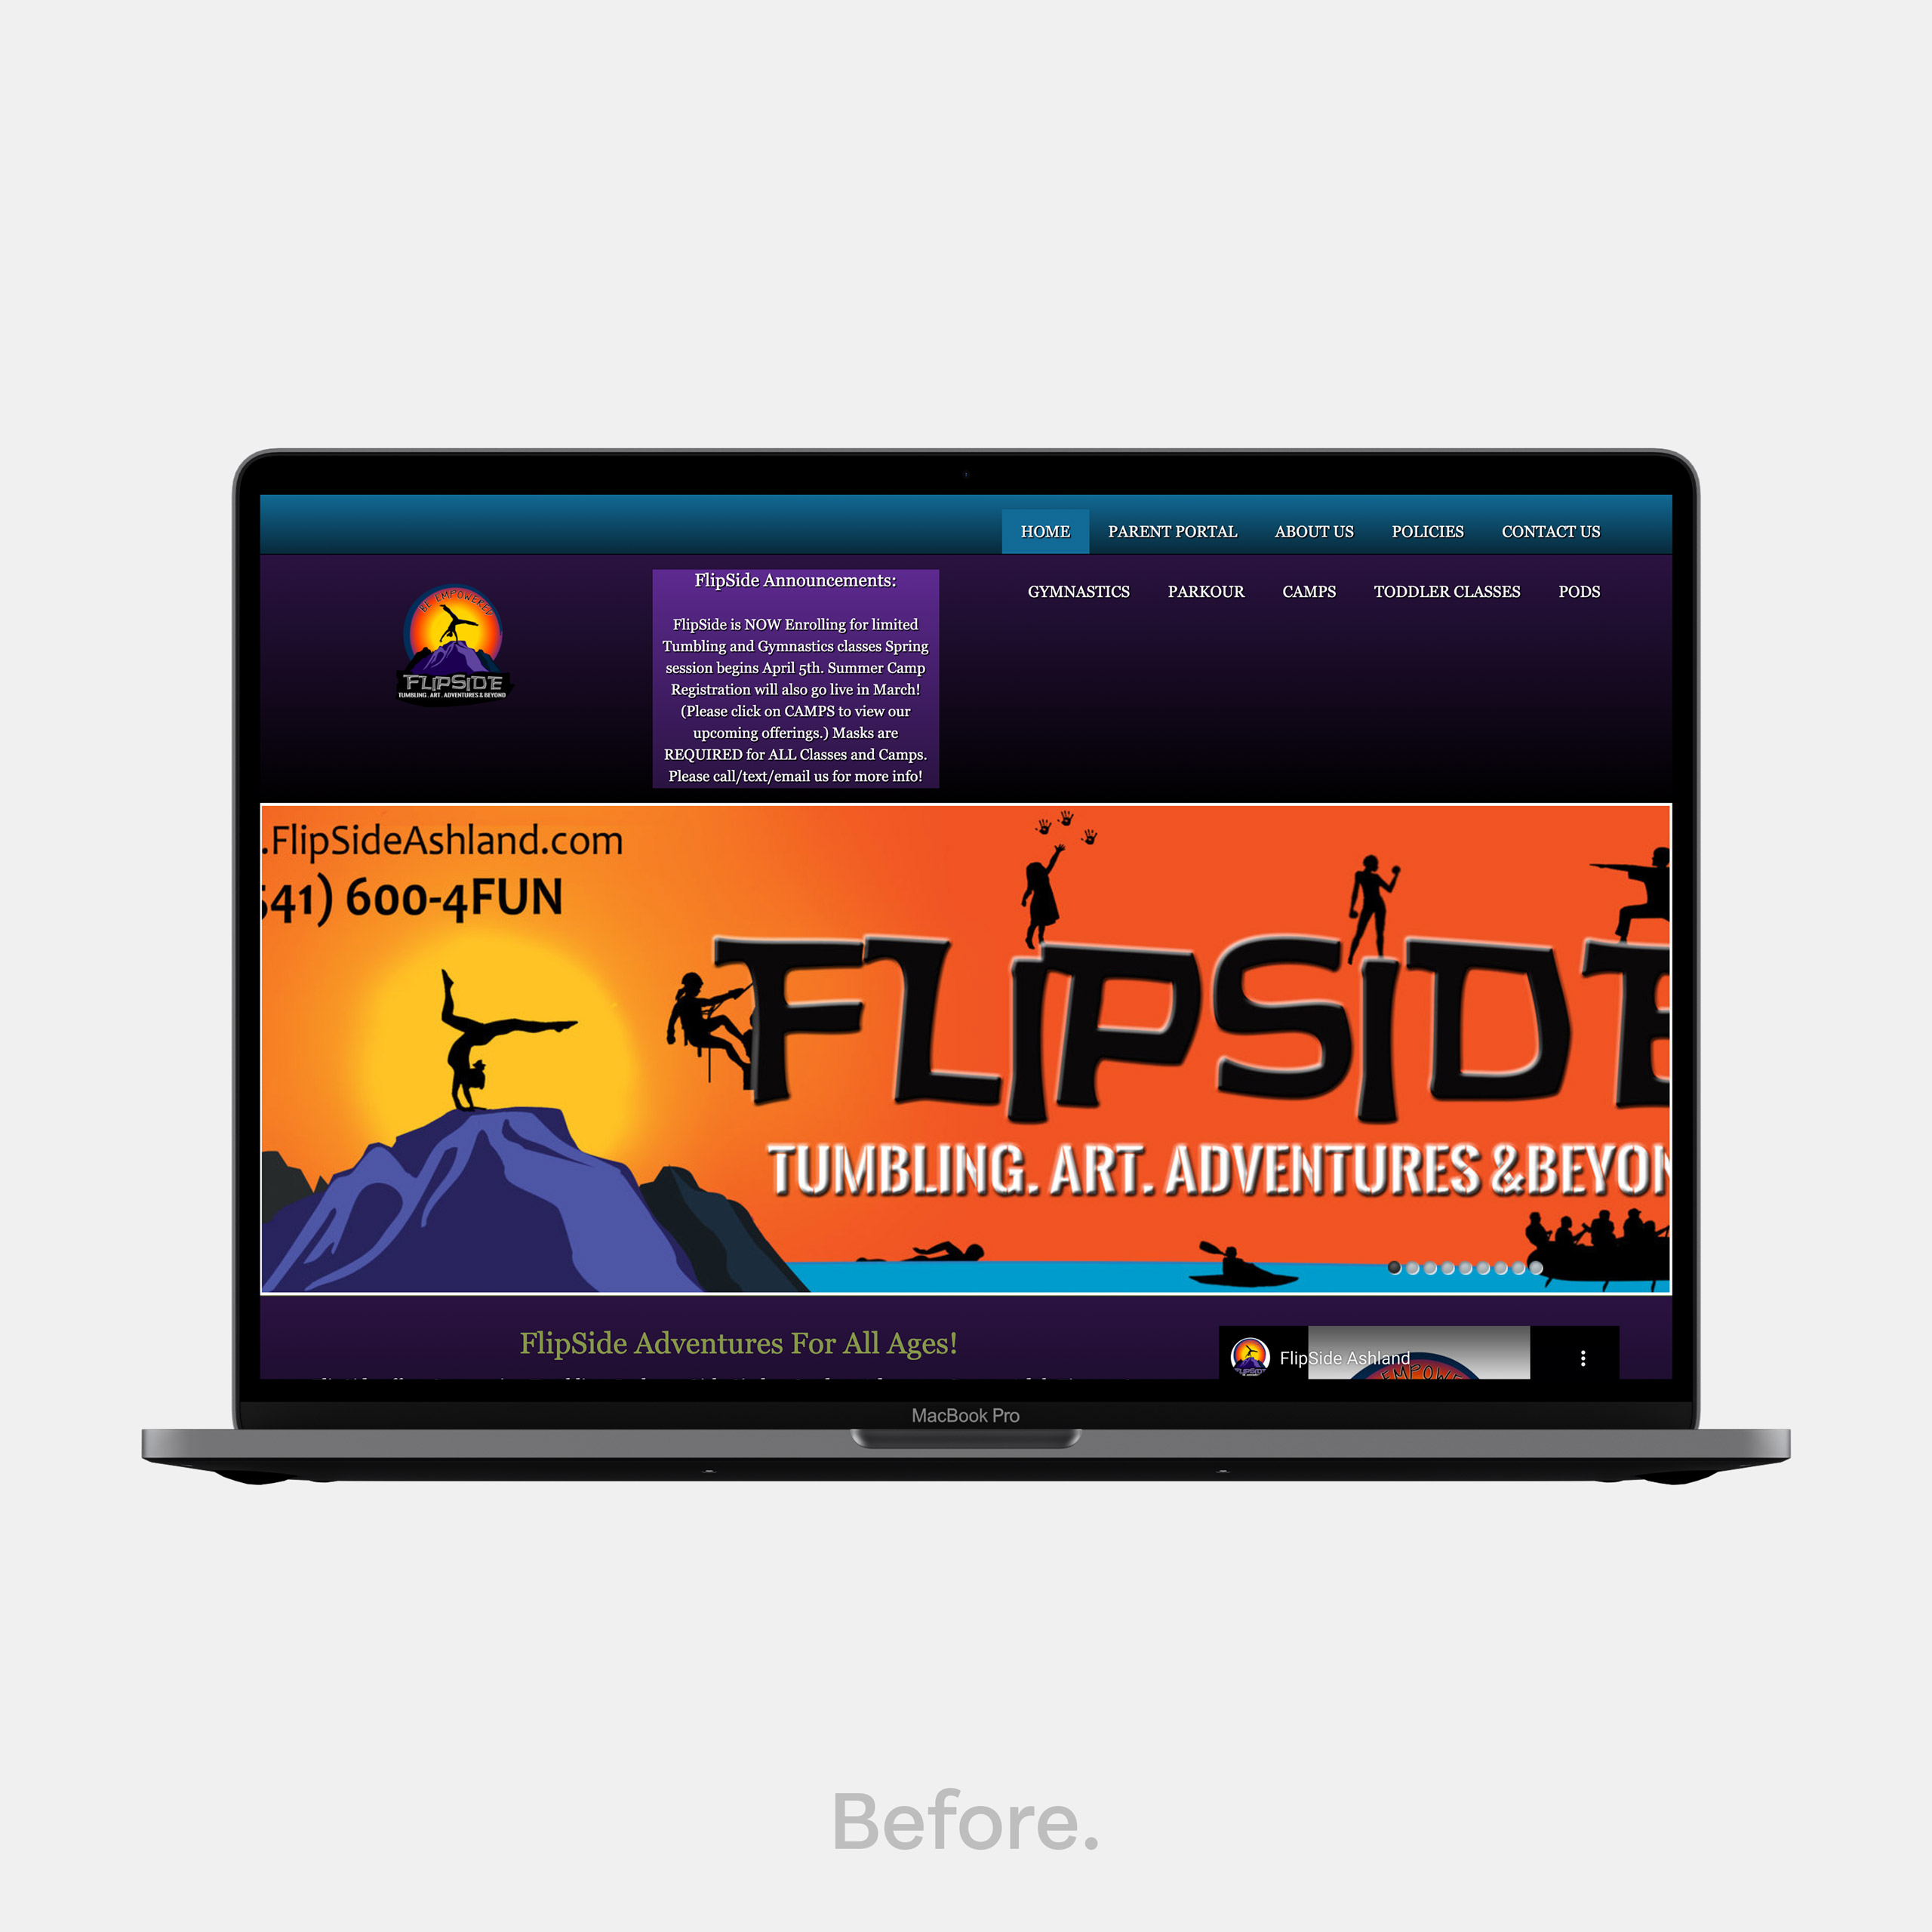 Website design makeover